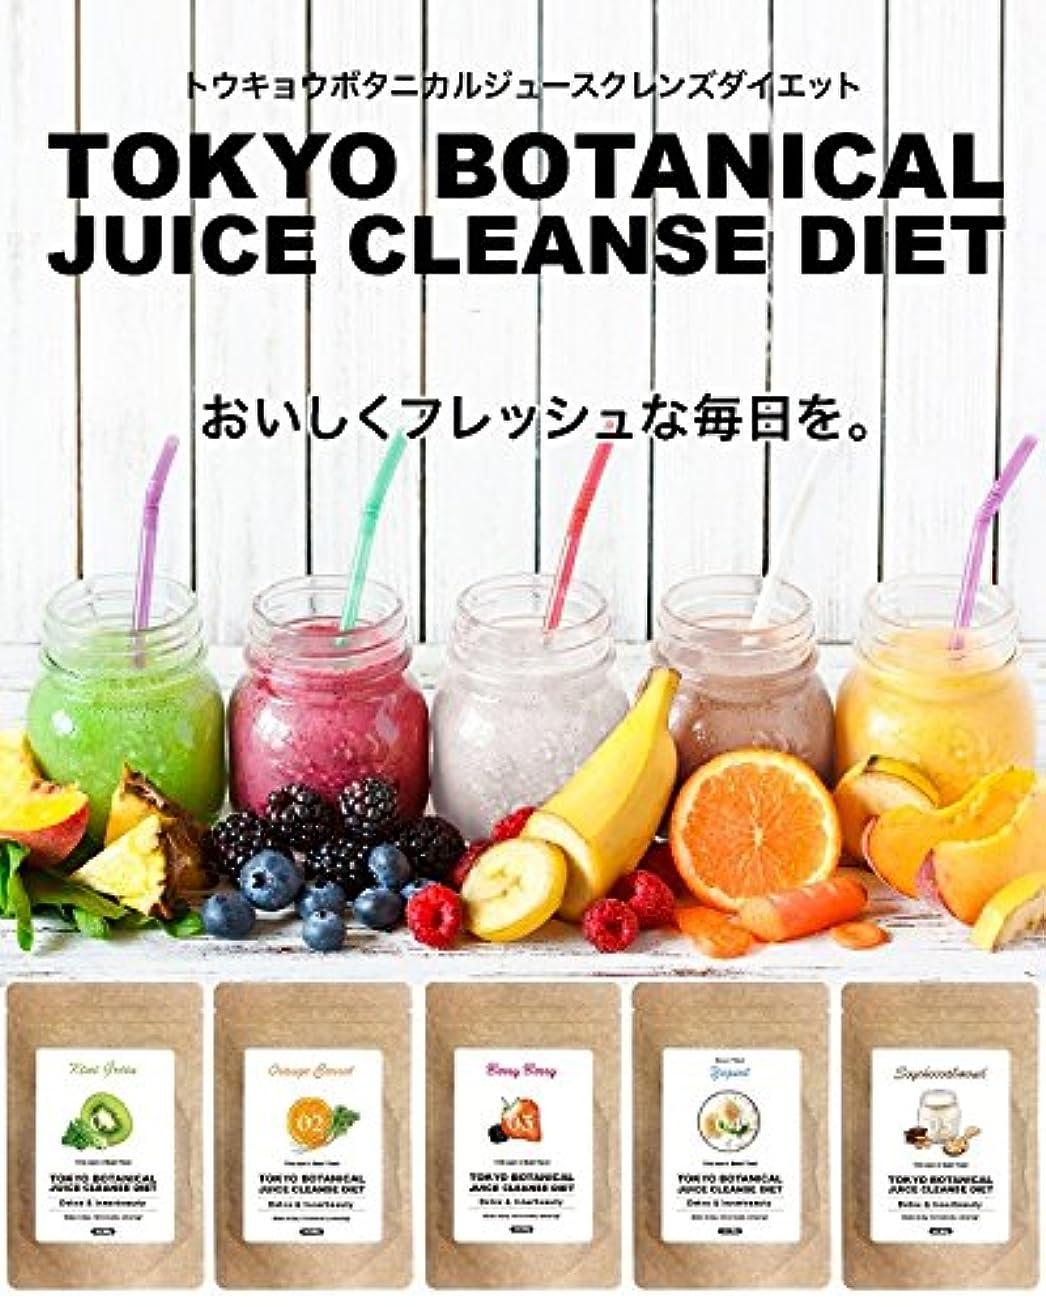 厳密につかいますマイナス東京ボタニカルジュースクレンズダイエット  ベリーベリー&ソイチョコアーモンドセット